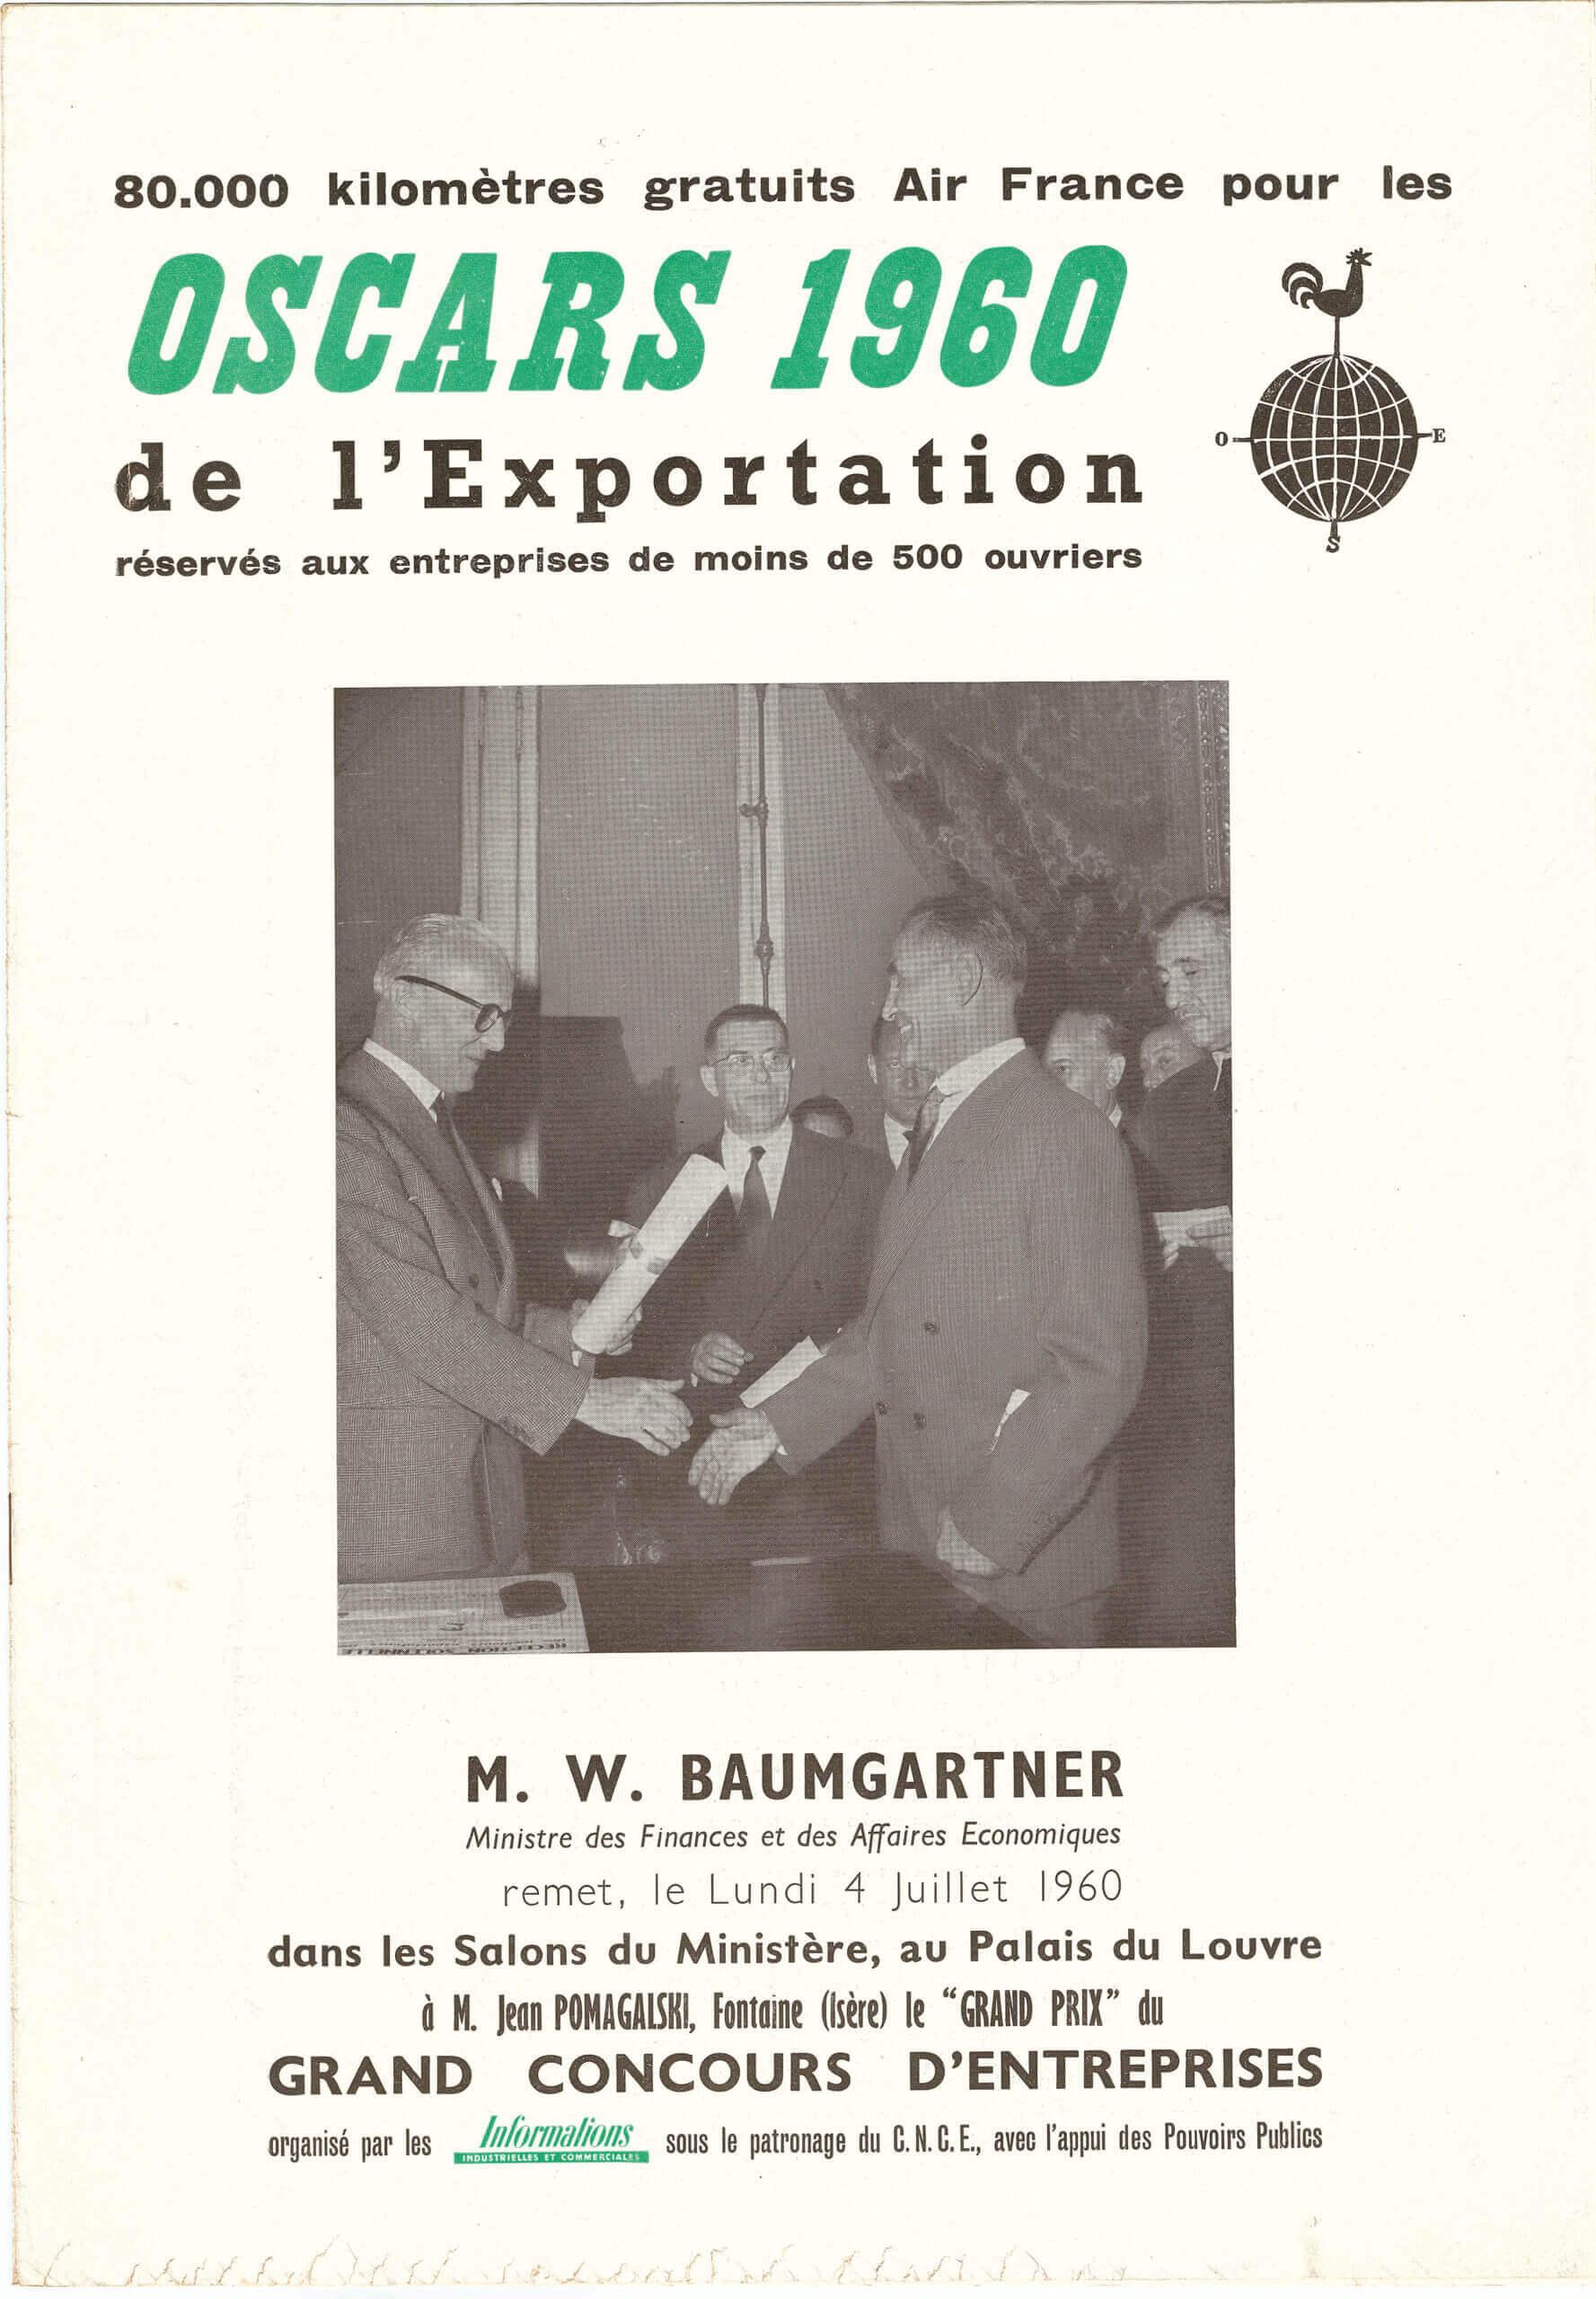 Oscar de l'exportation POMA en 1960